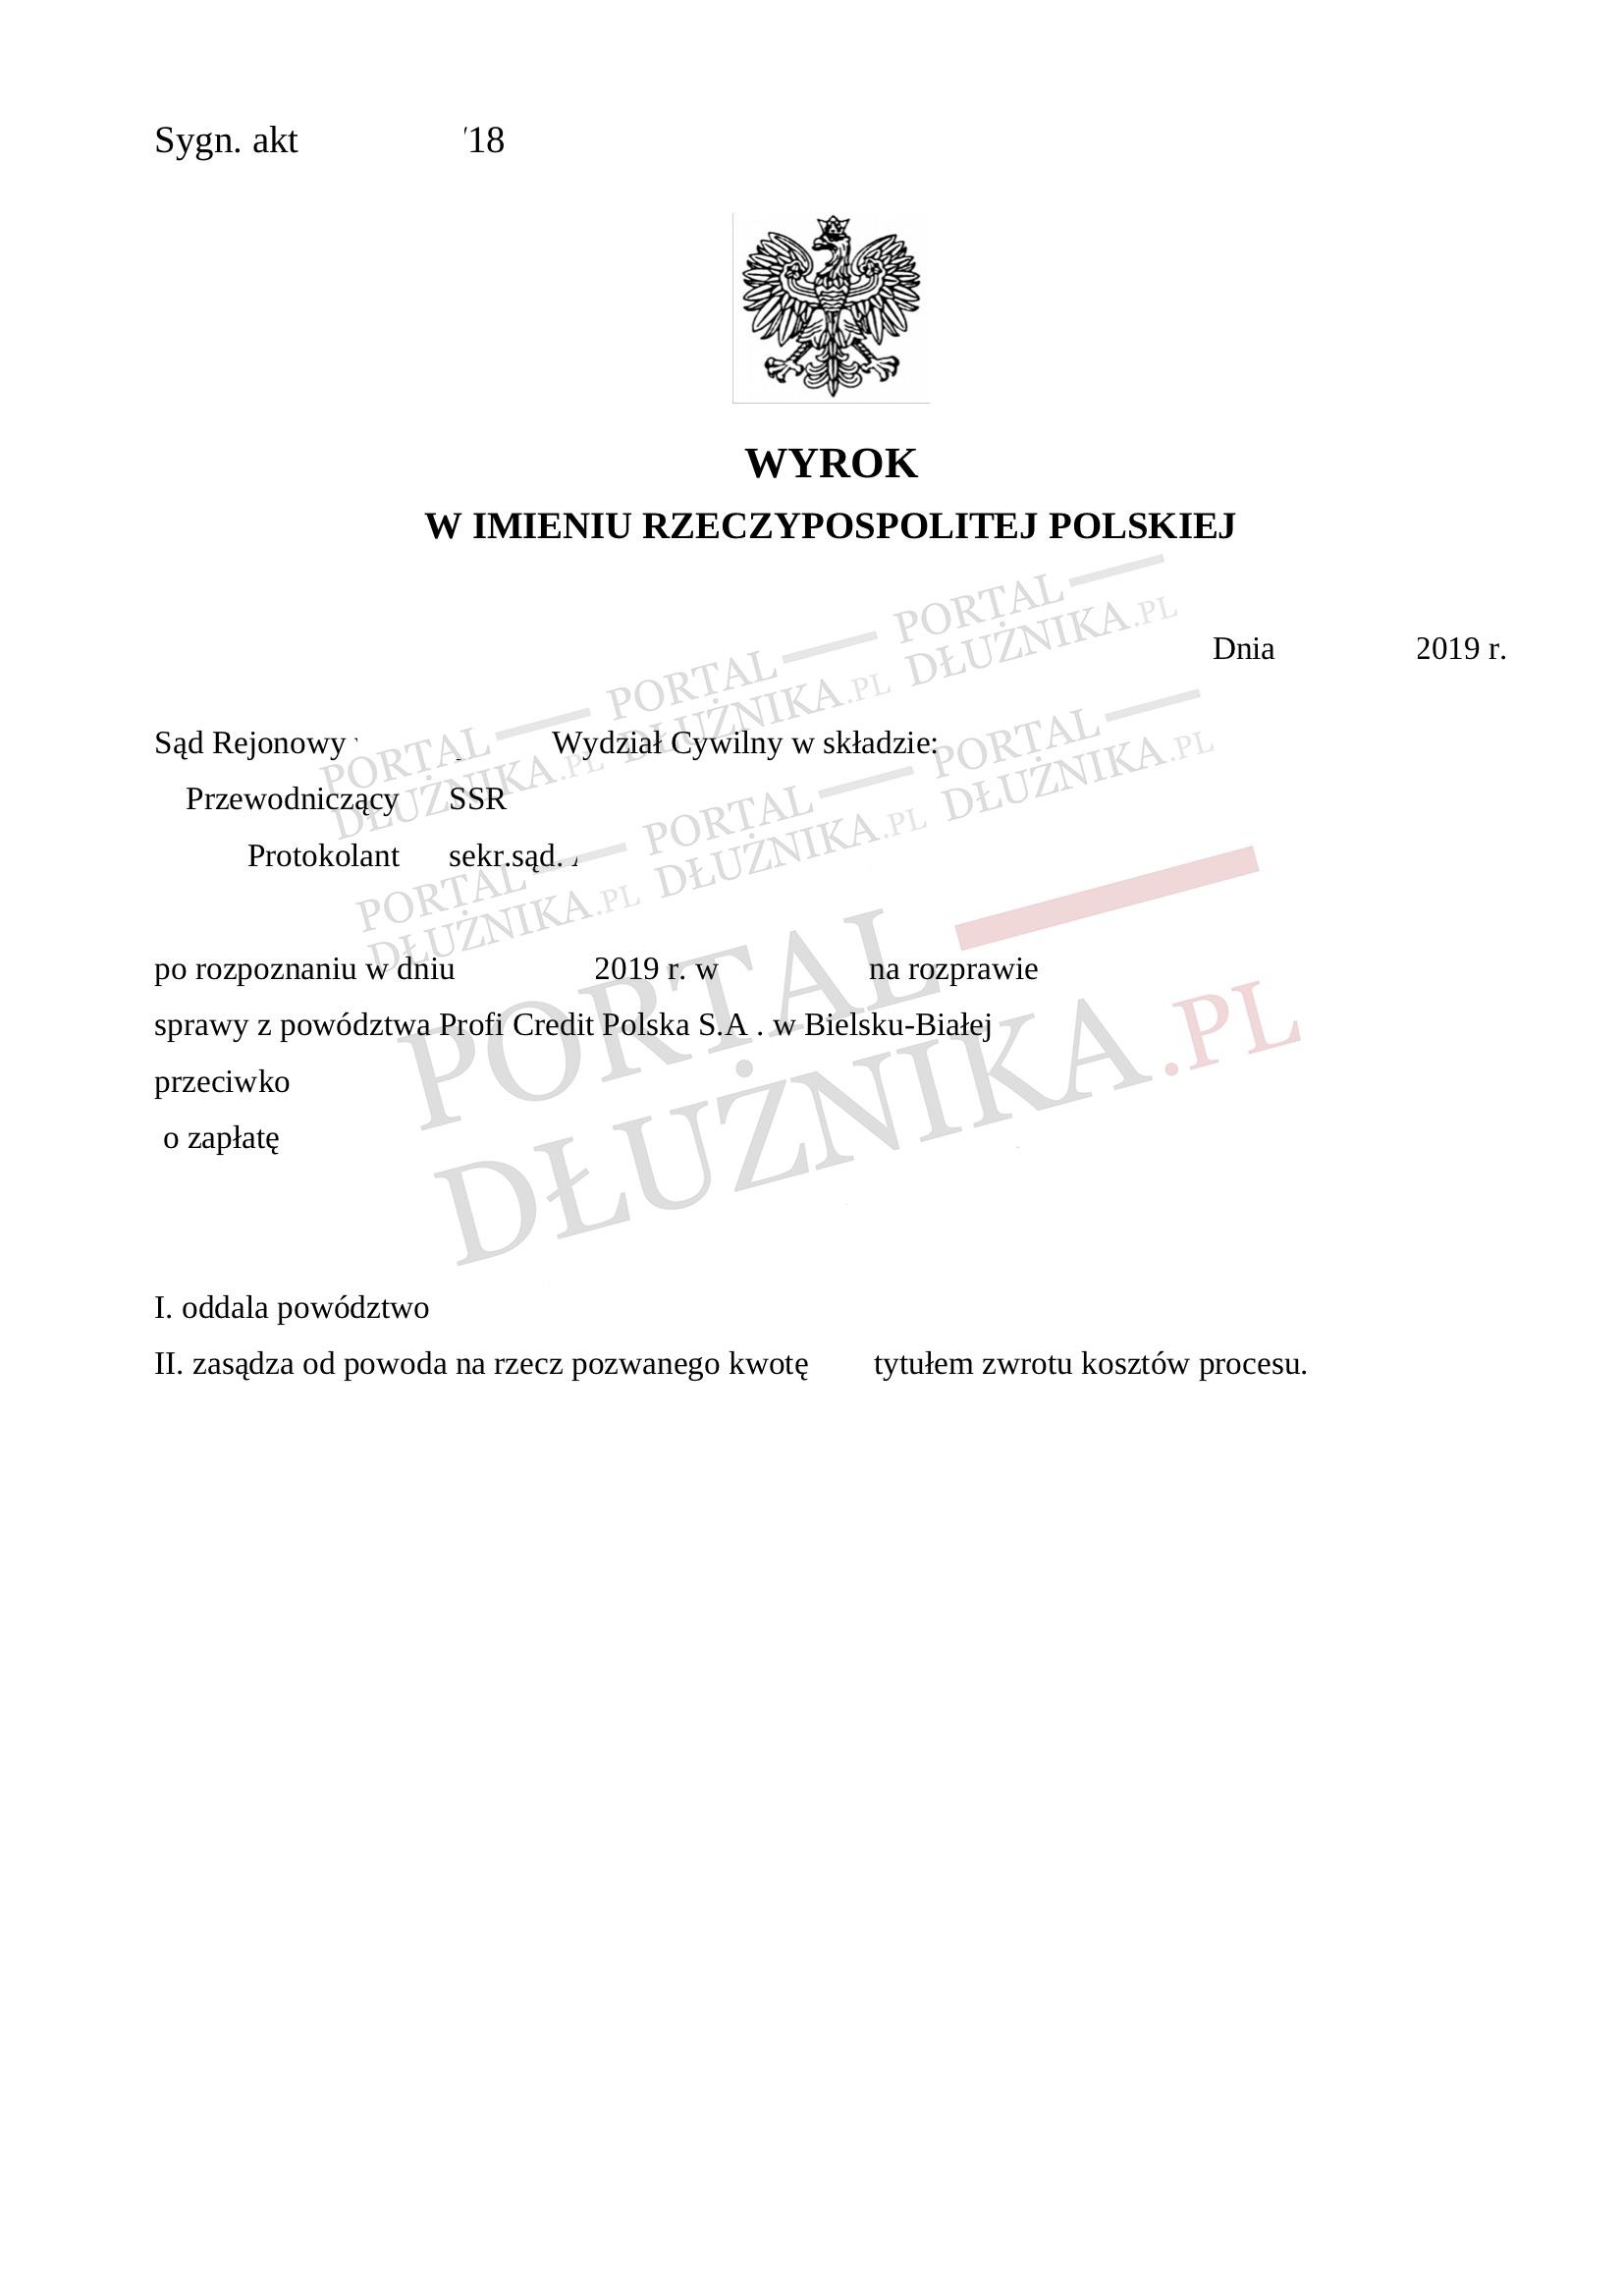 Powództwo Profi Credit